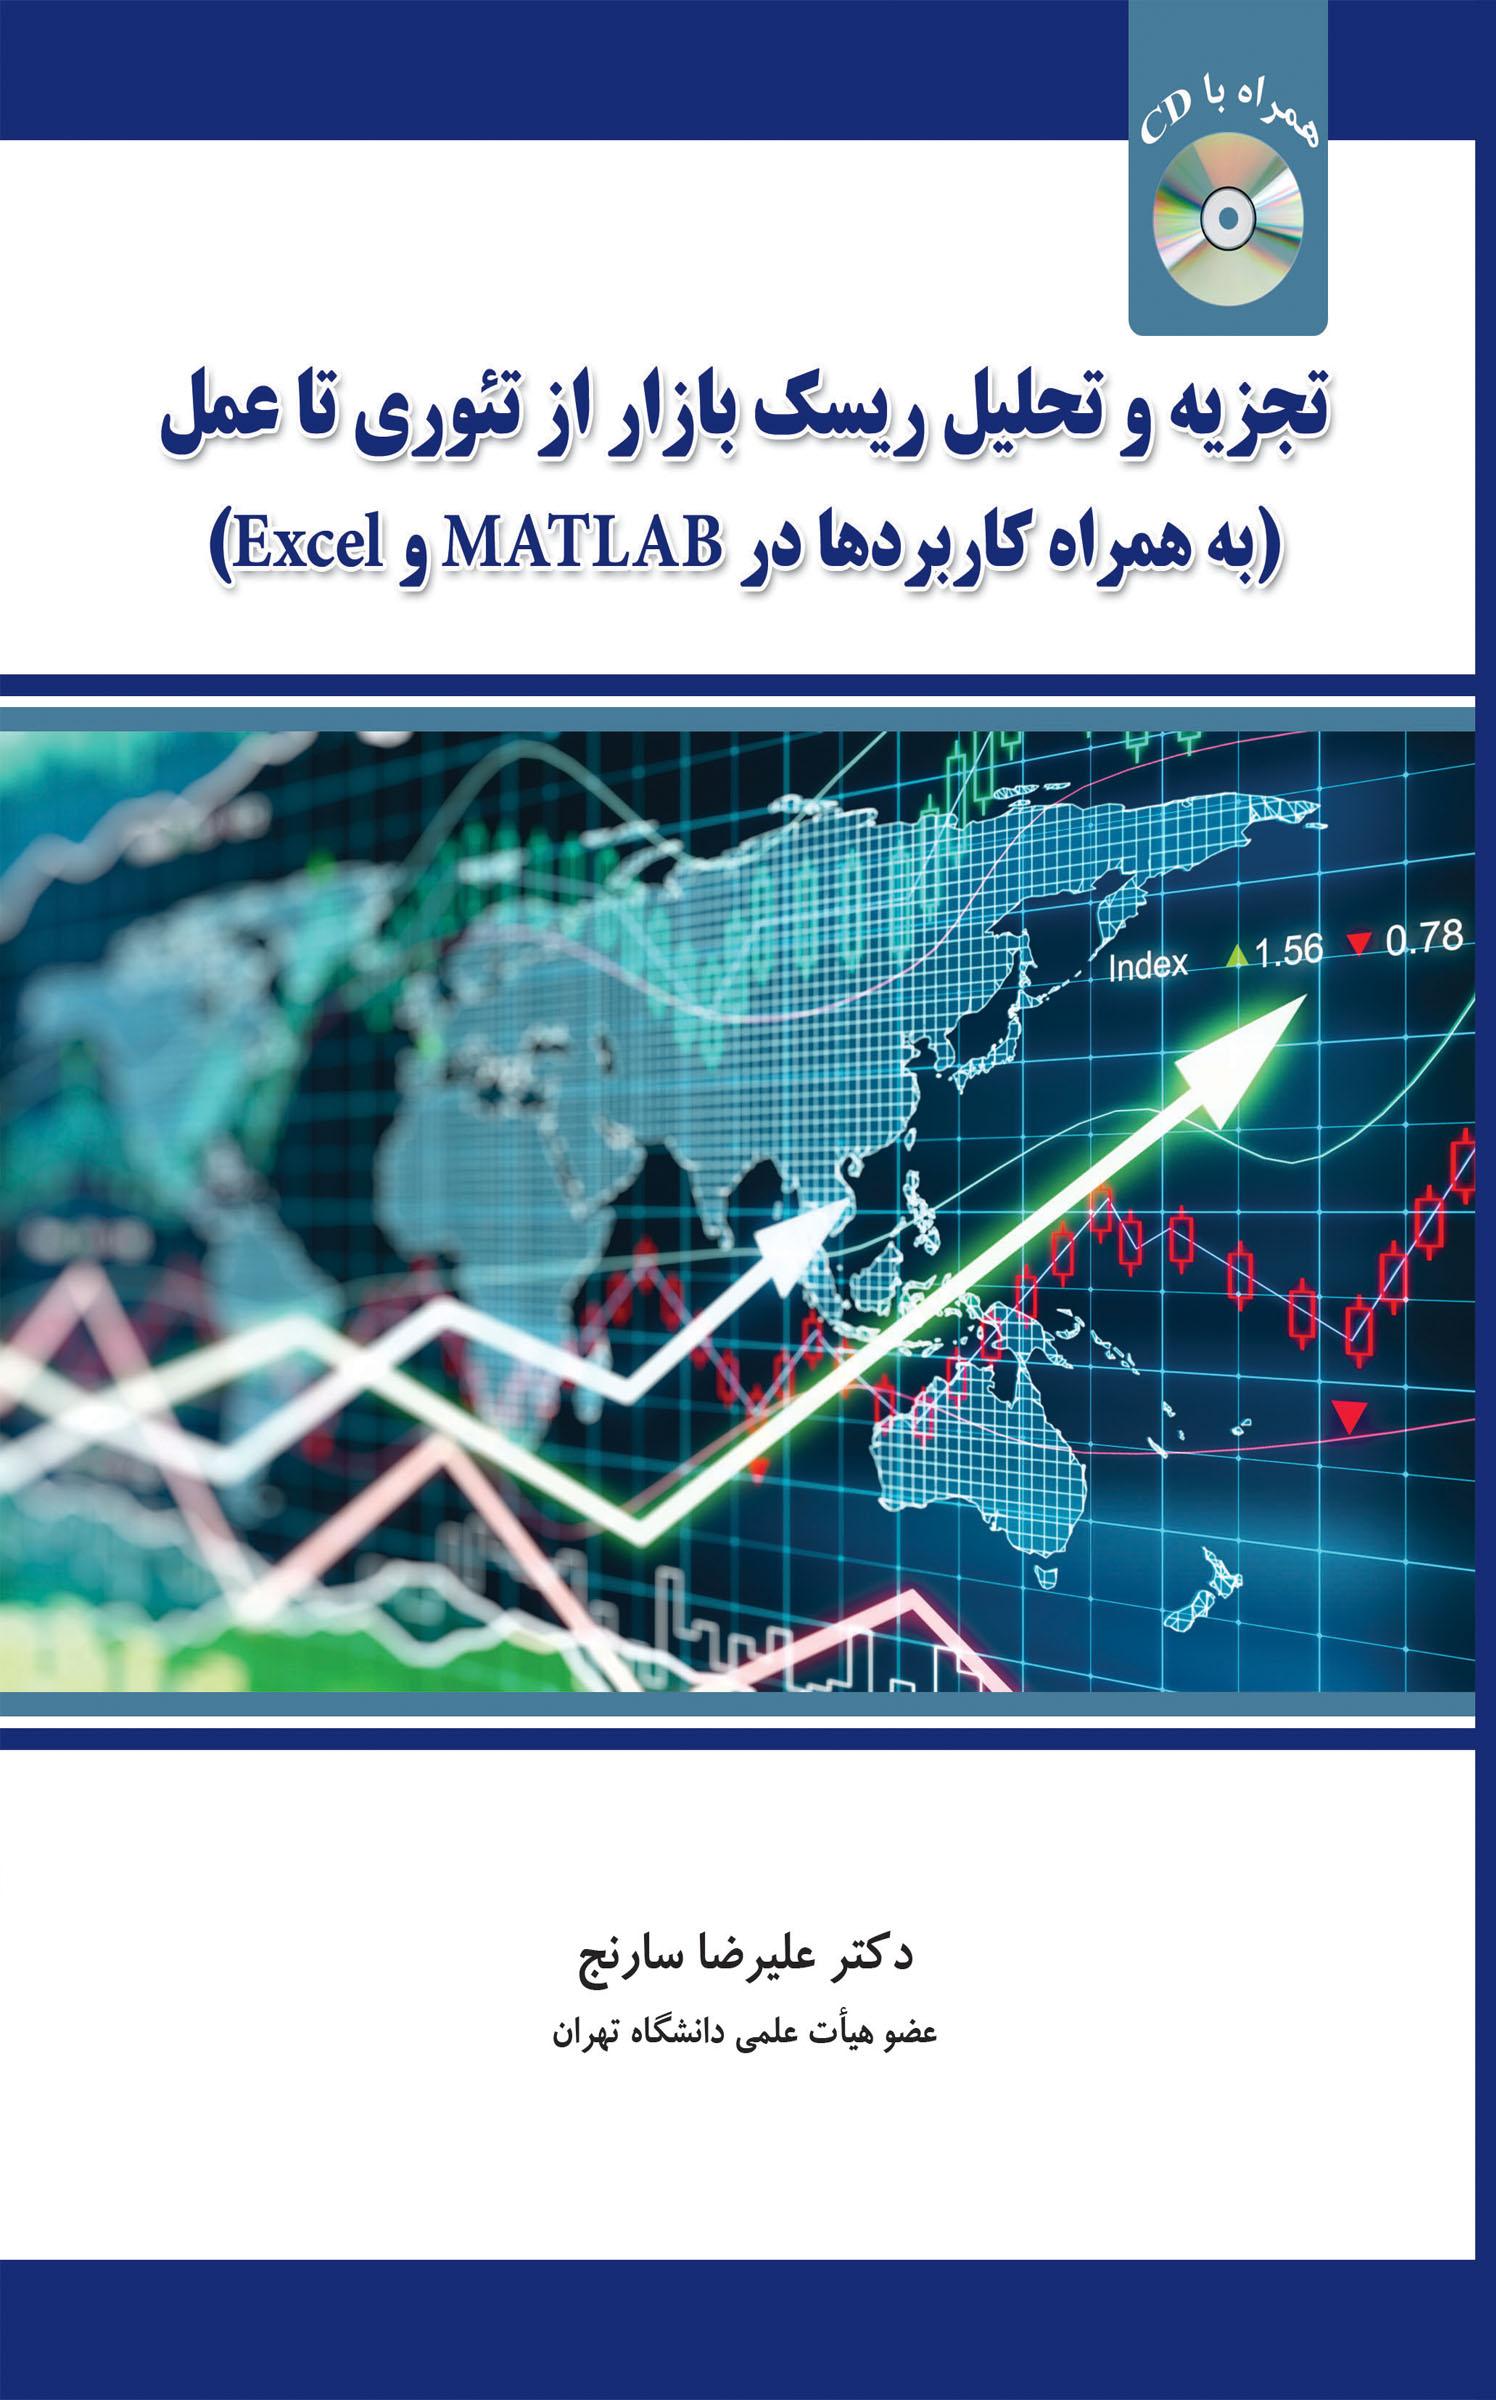 تجزیه و تحلیل ریسک بازار از تئوری تا عمل